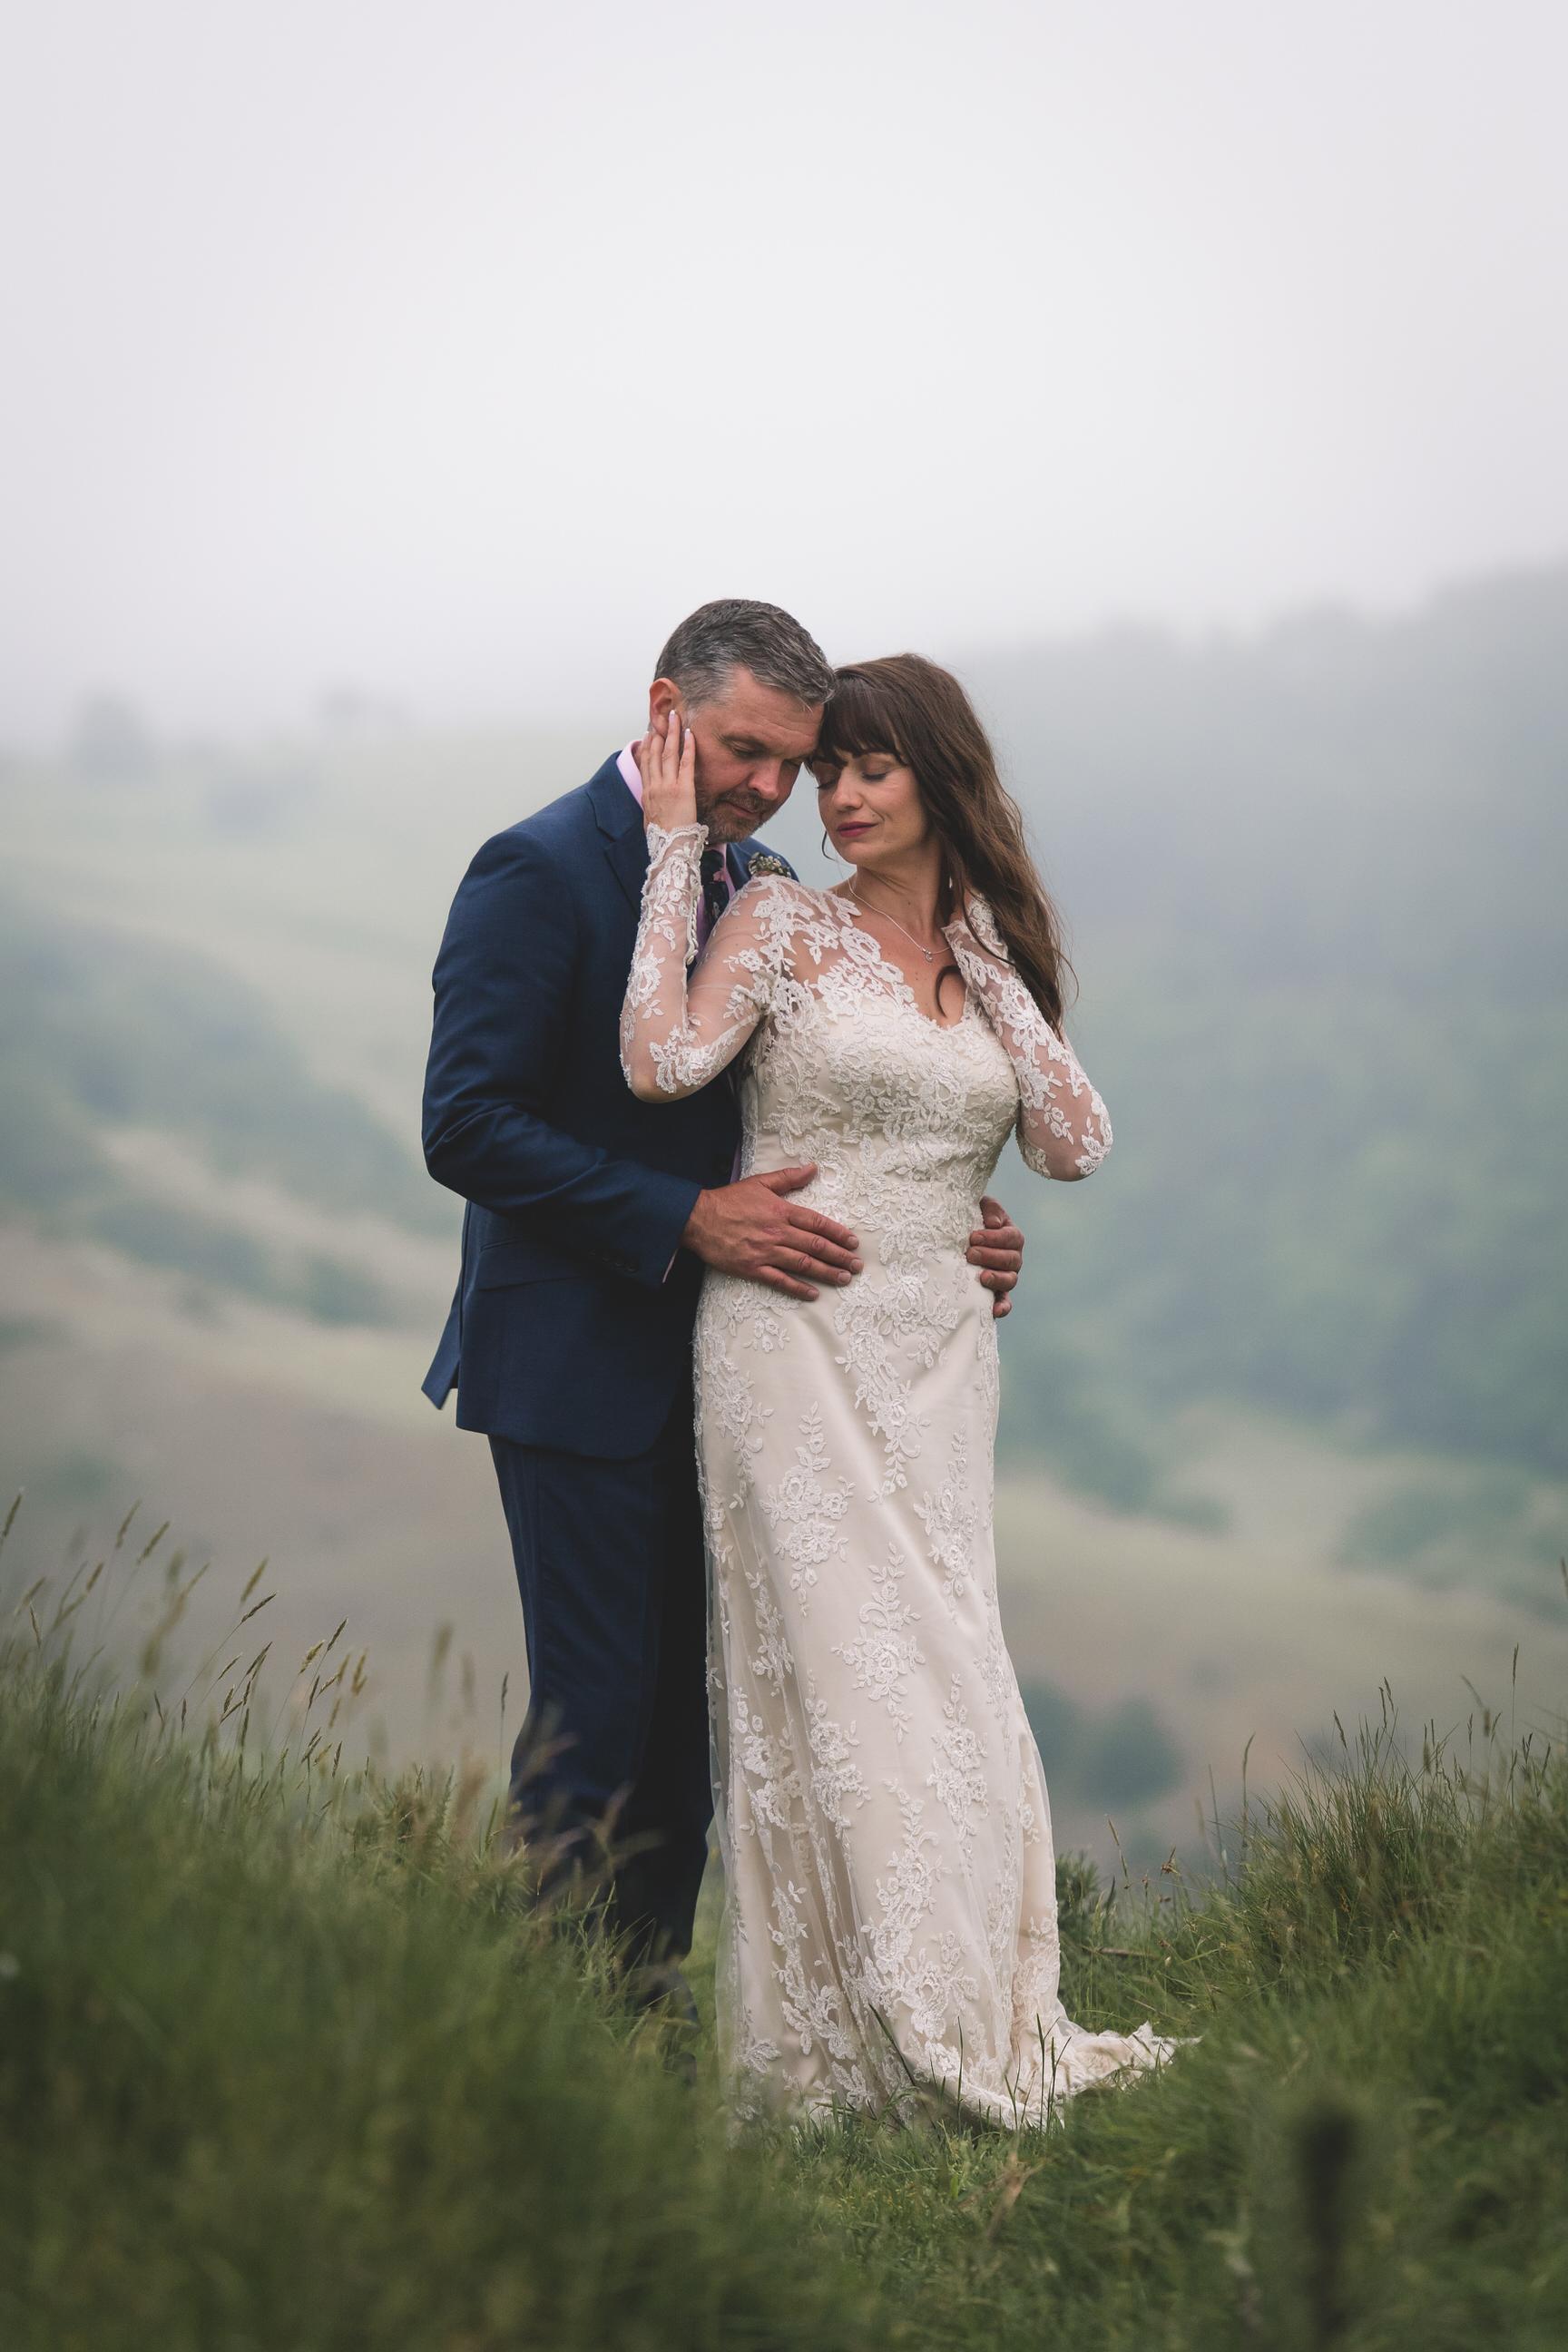 chainbridge-wedding-leeds-wedding-photographer-39.jpg